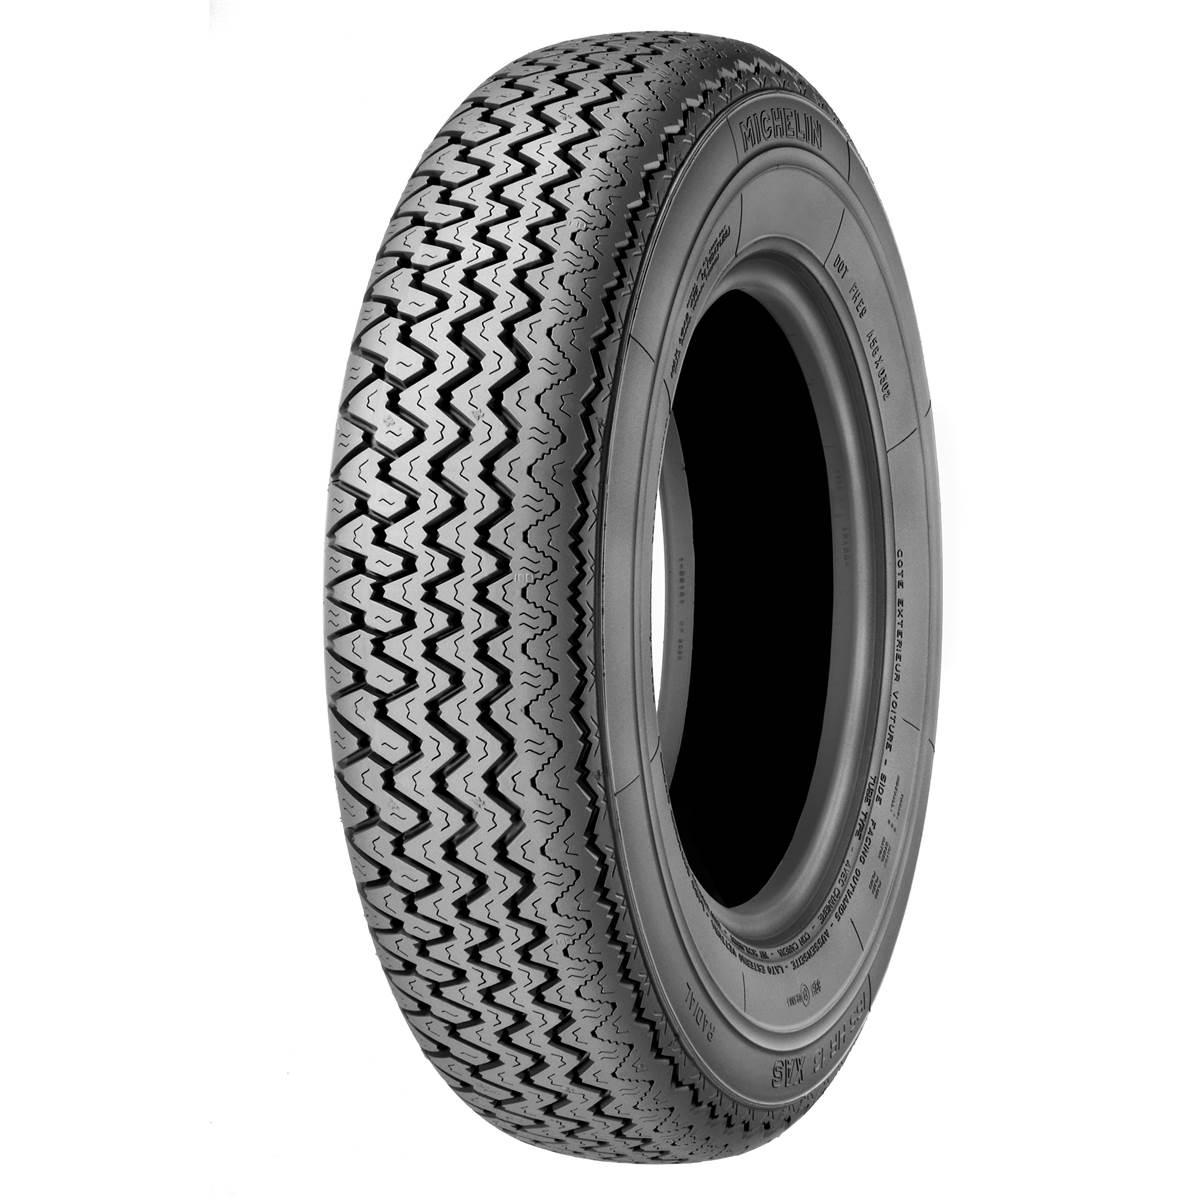 Pneu Michelin Collection 165/80R15 86H Xas